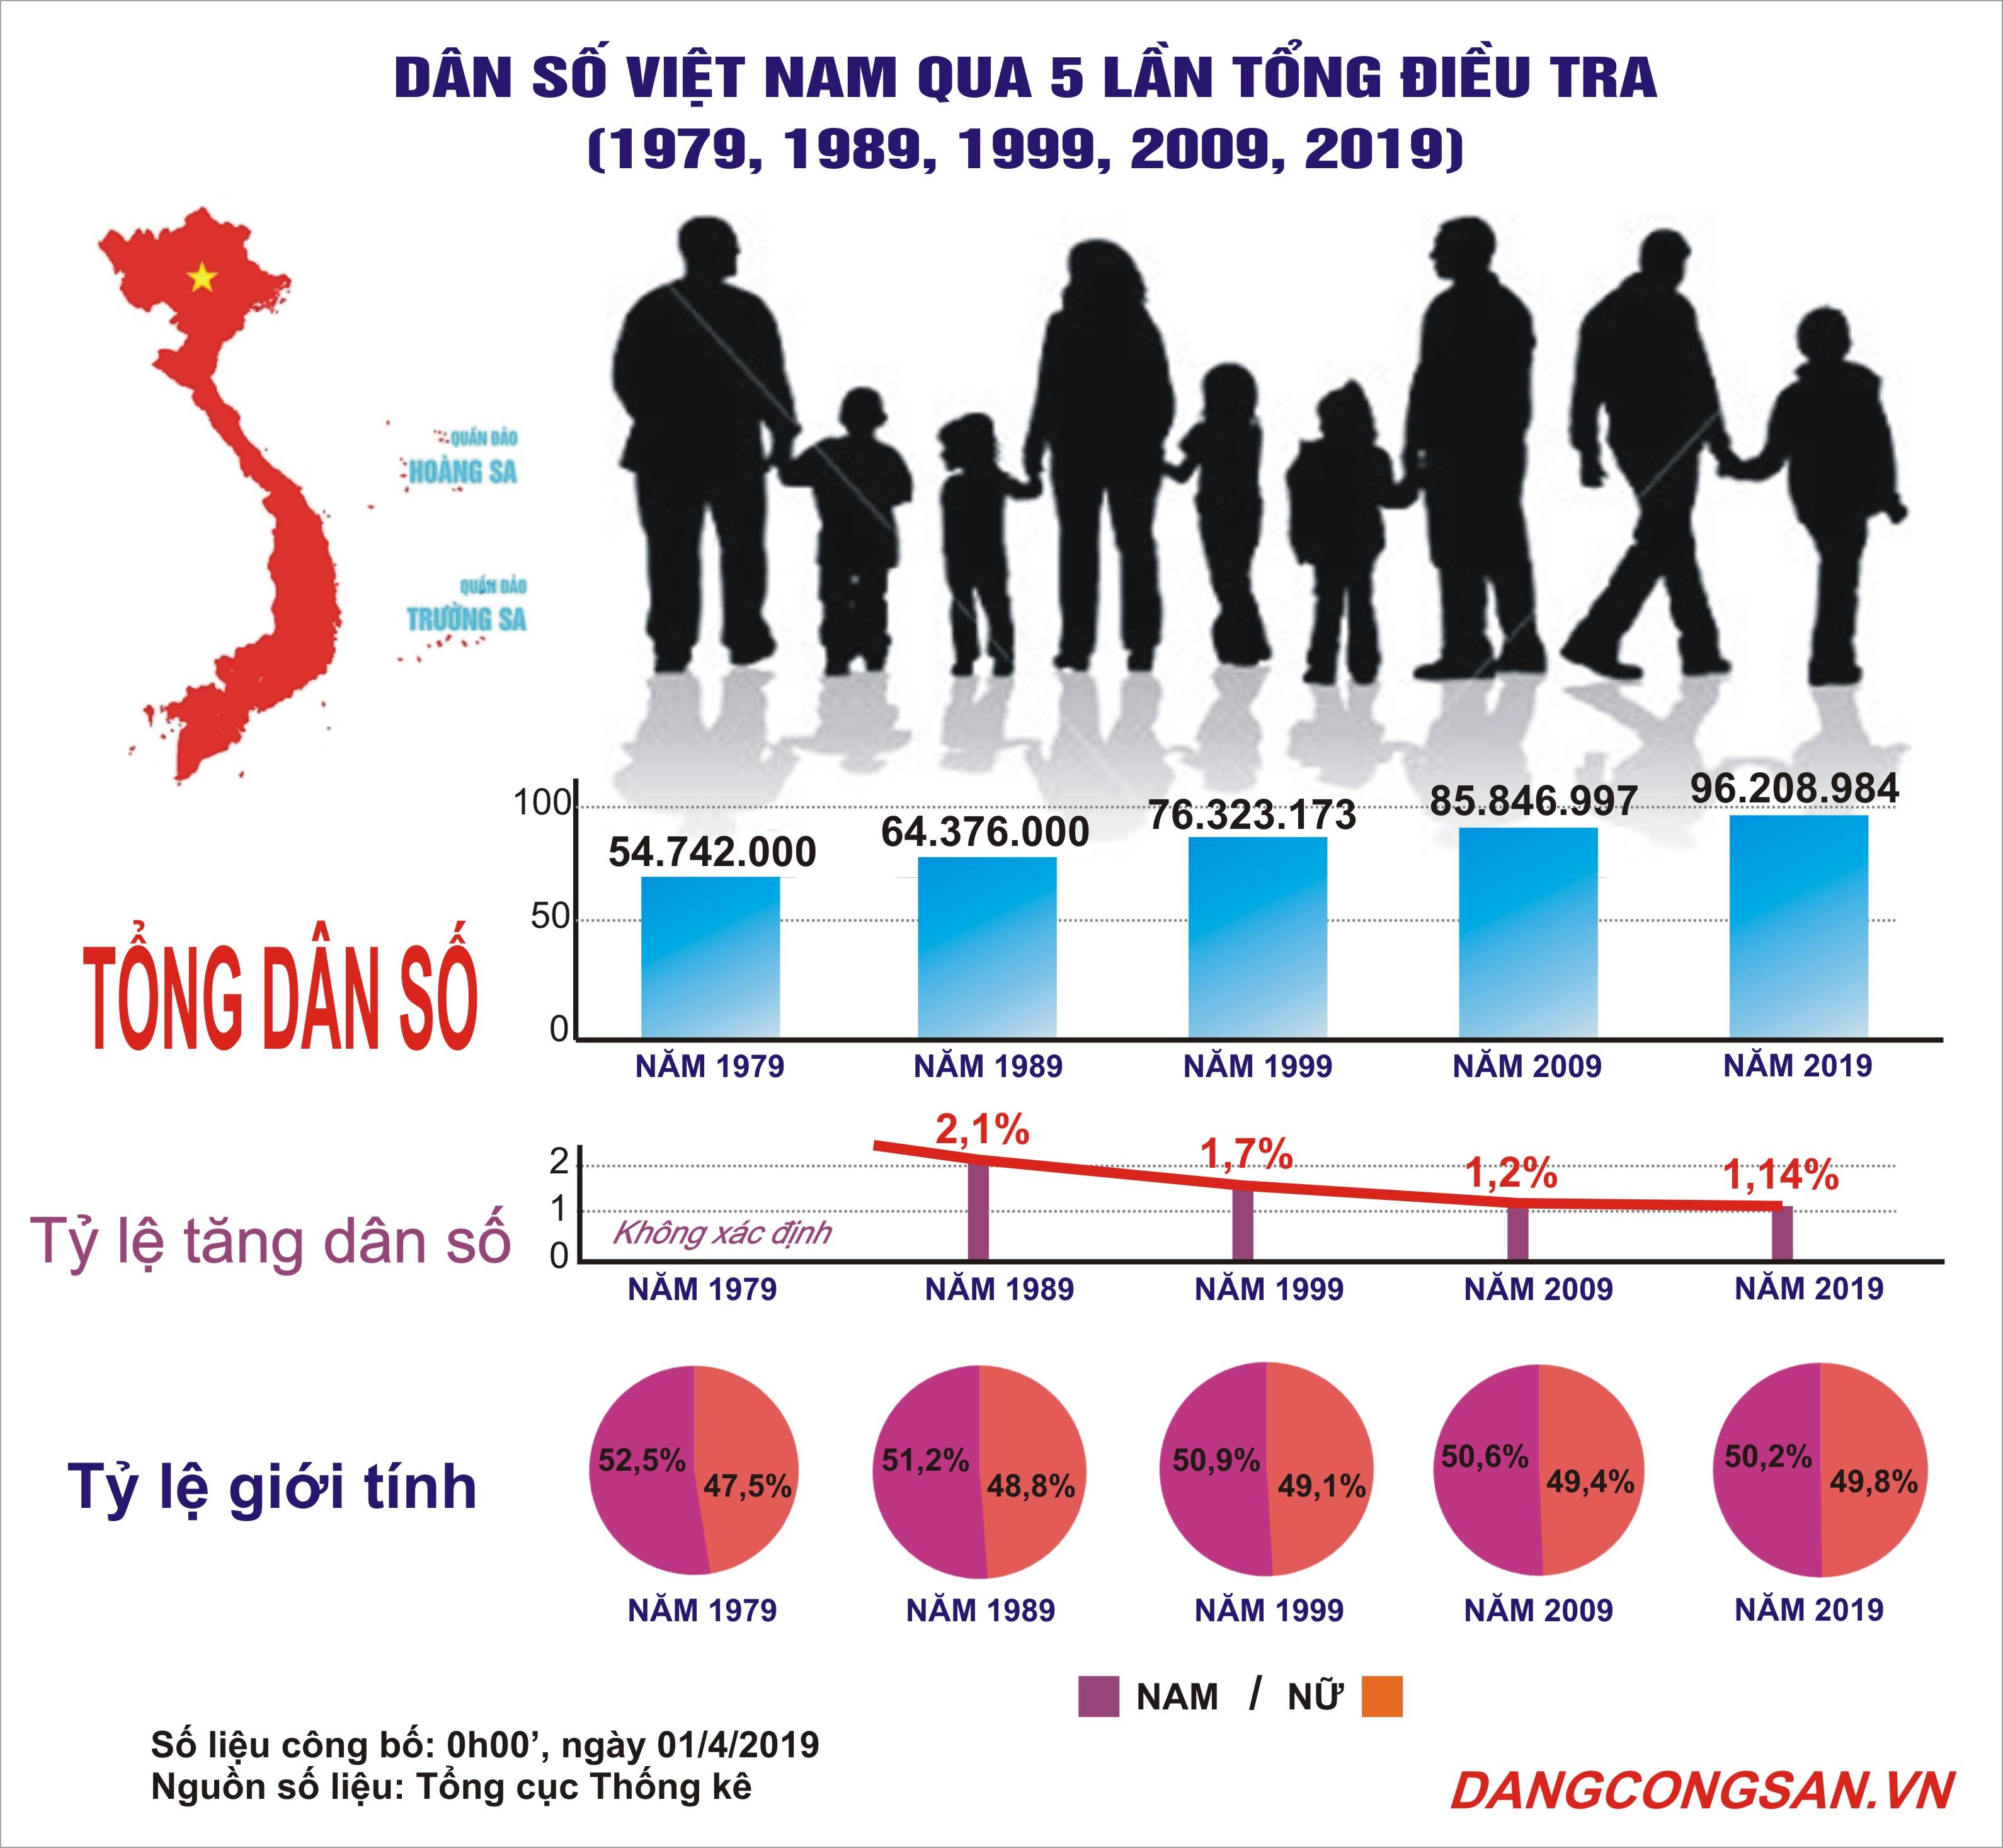 [INFOGRAPHIC] Dân số Việt Nam qua 5 lần tổng điều tra dân số